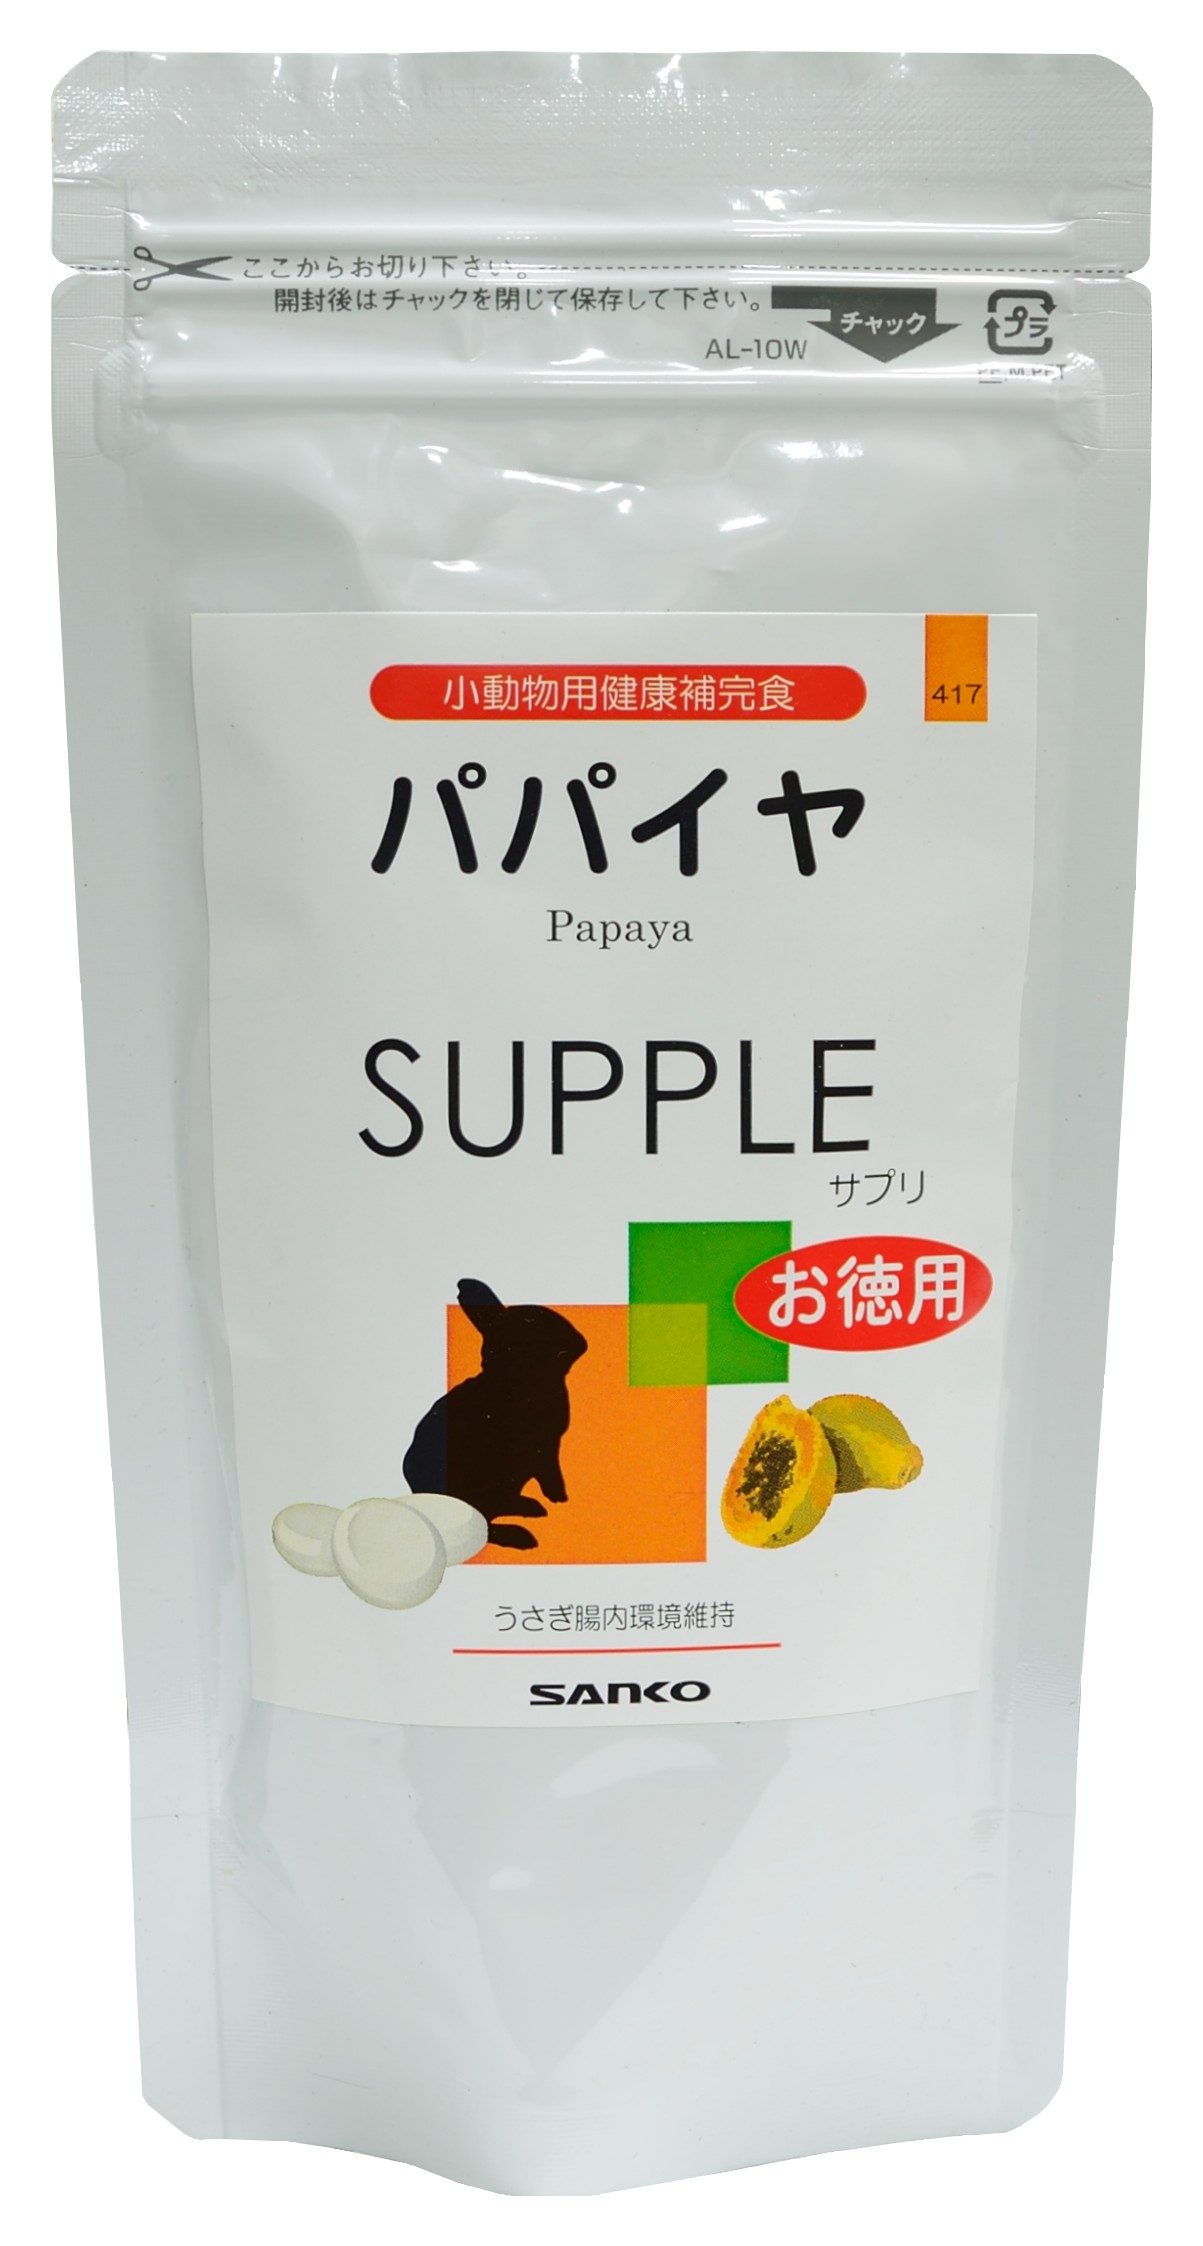 パパイヤサプリ お徳用 100g